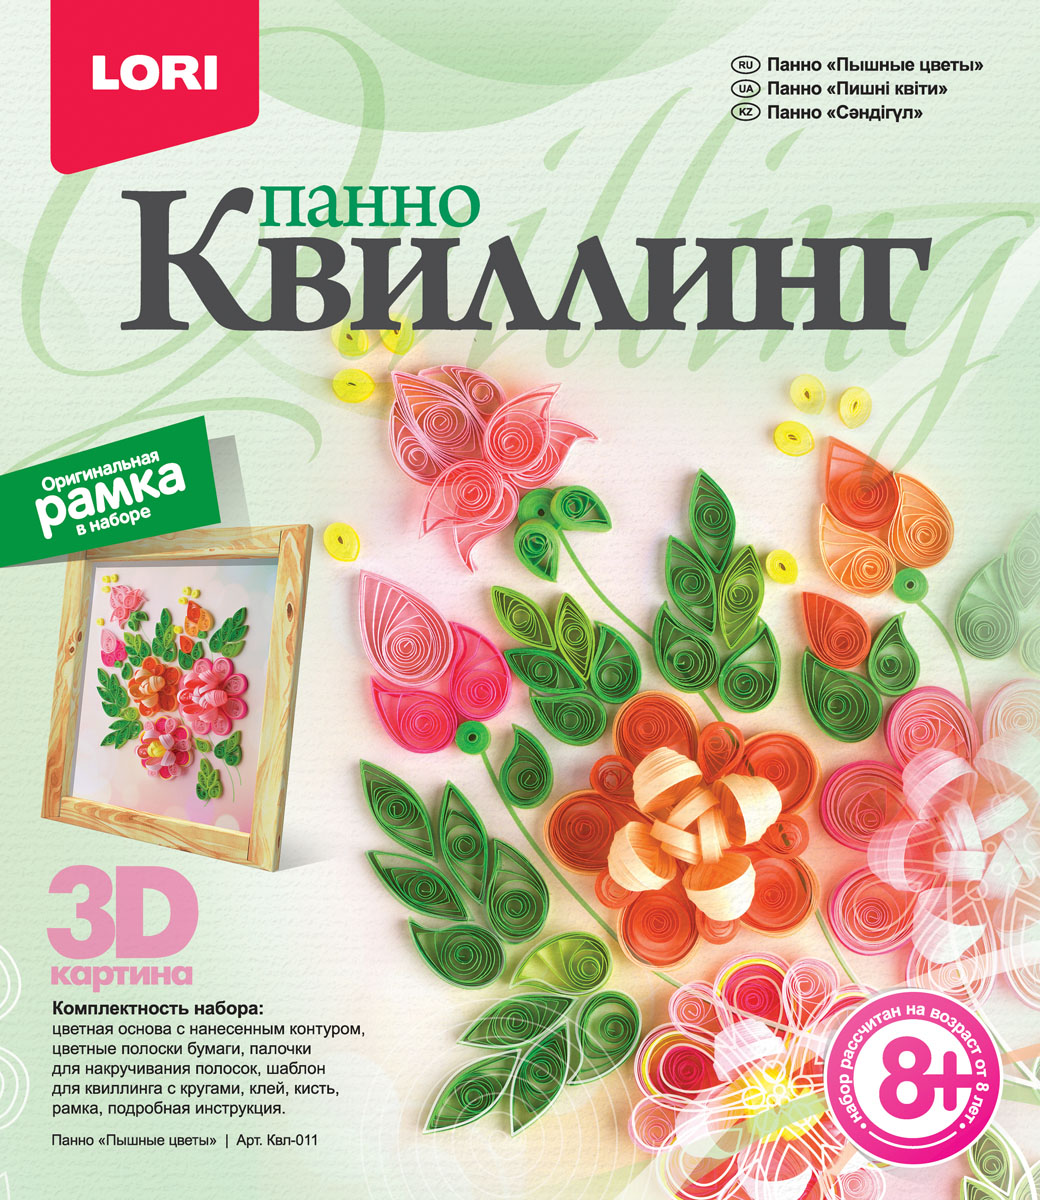 Zakazat.ru Lori Набор для квиллинга Панно Пышные цветы